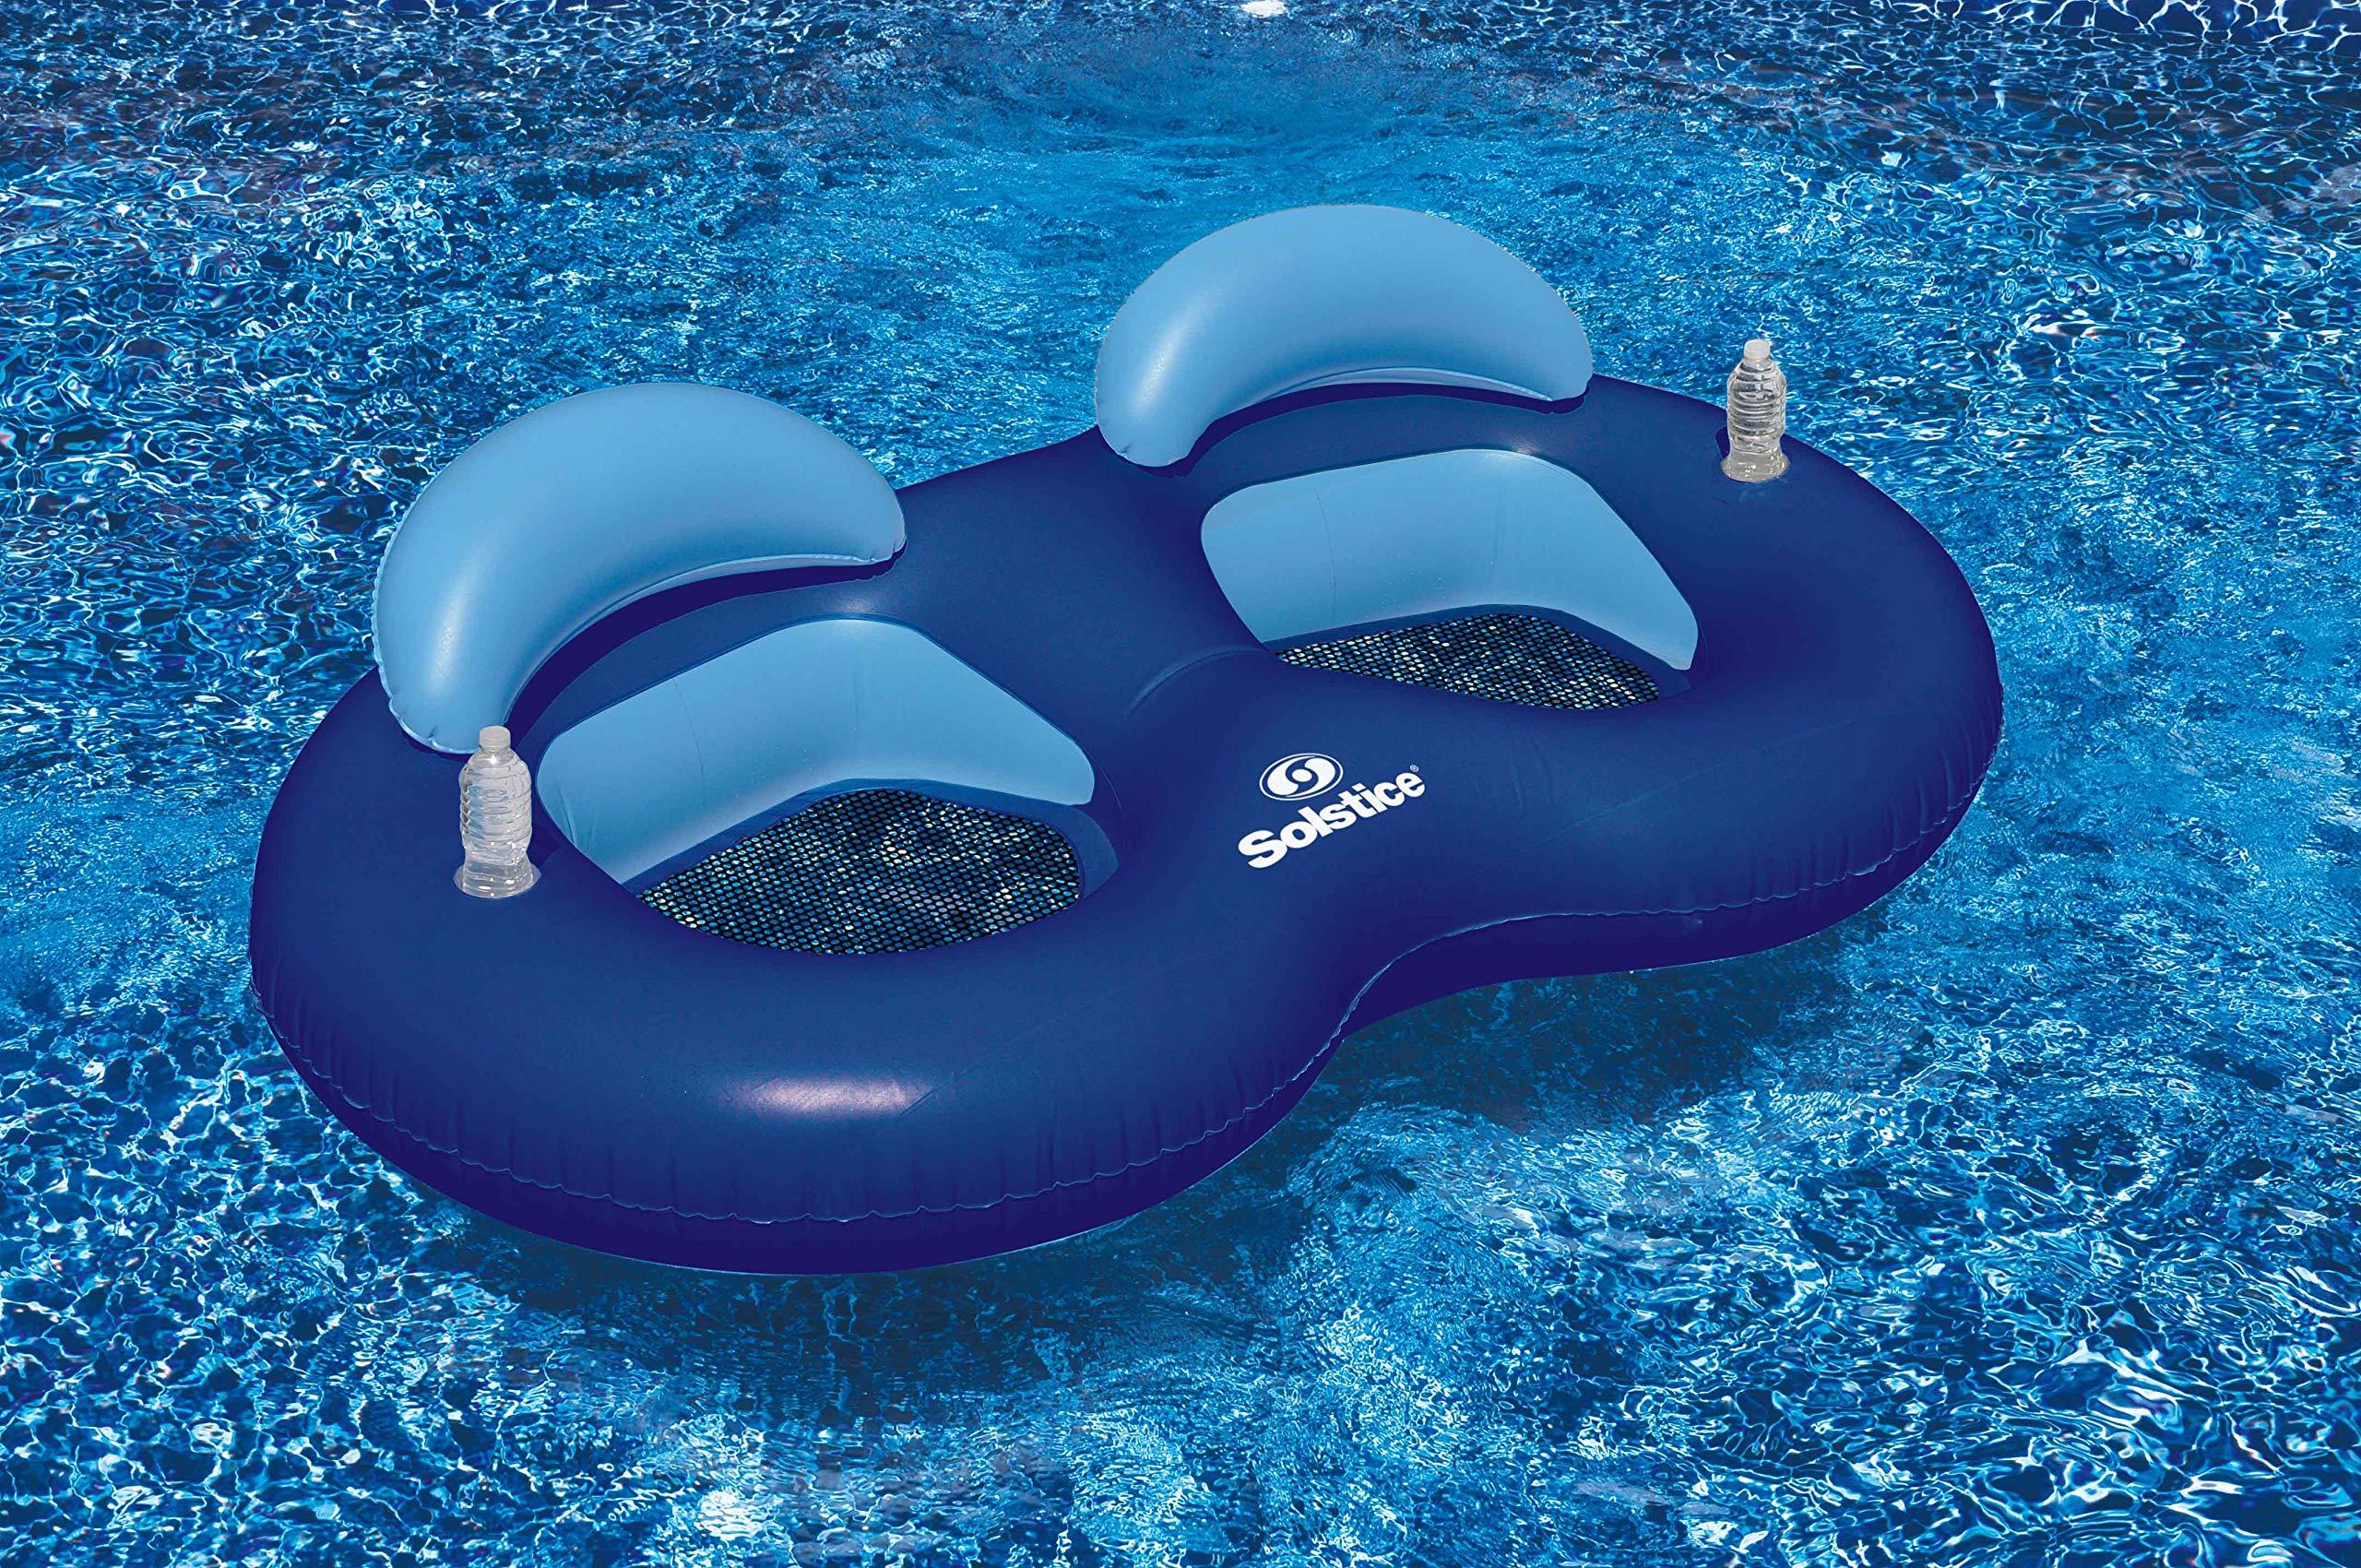 Solstice Swimline Double Recliner Float